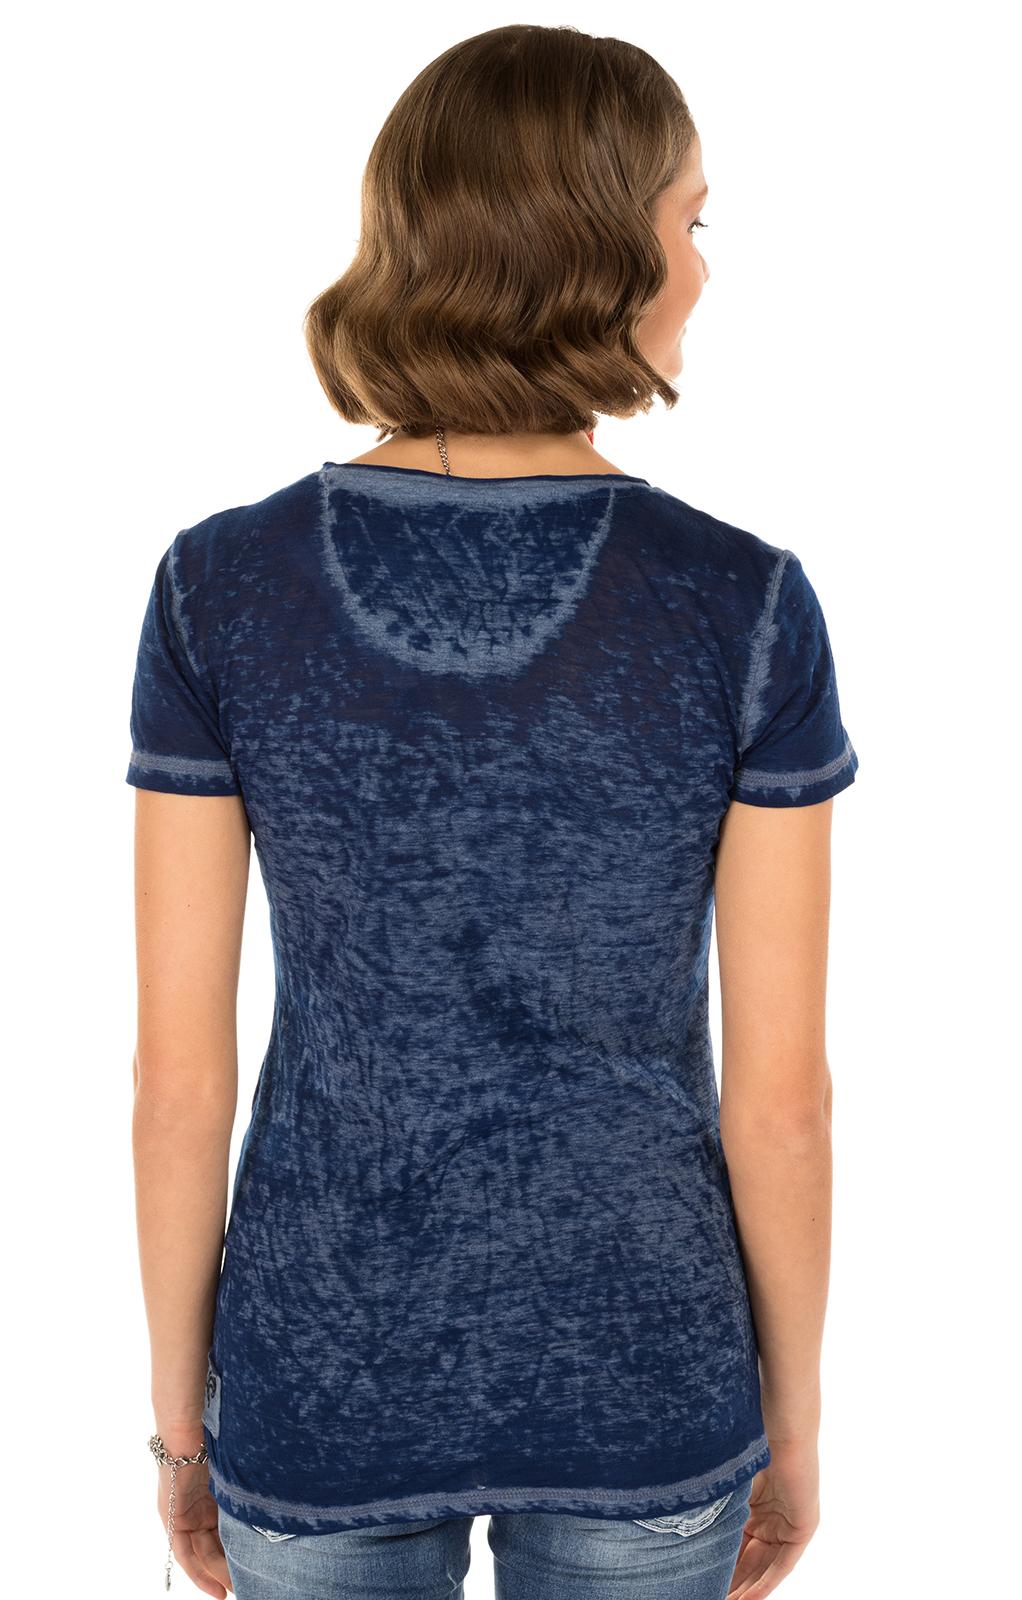 weitere Bilder von Trachten Shirt K20-ELLA blue